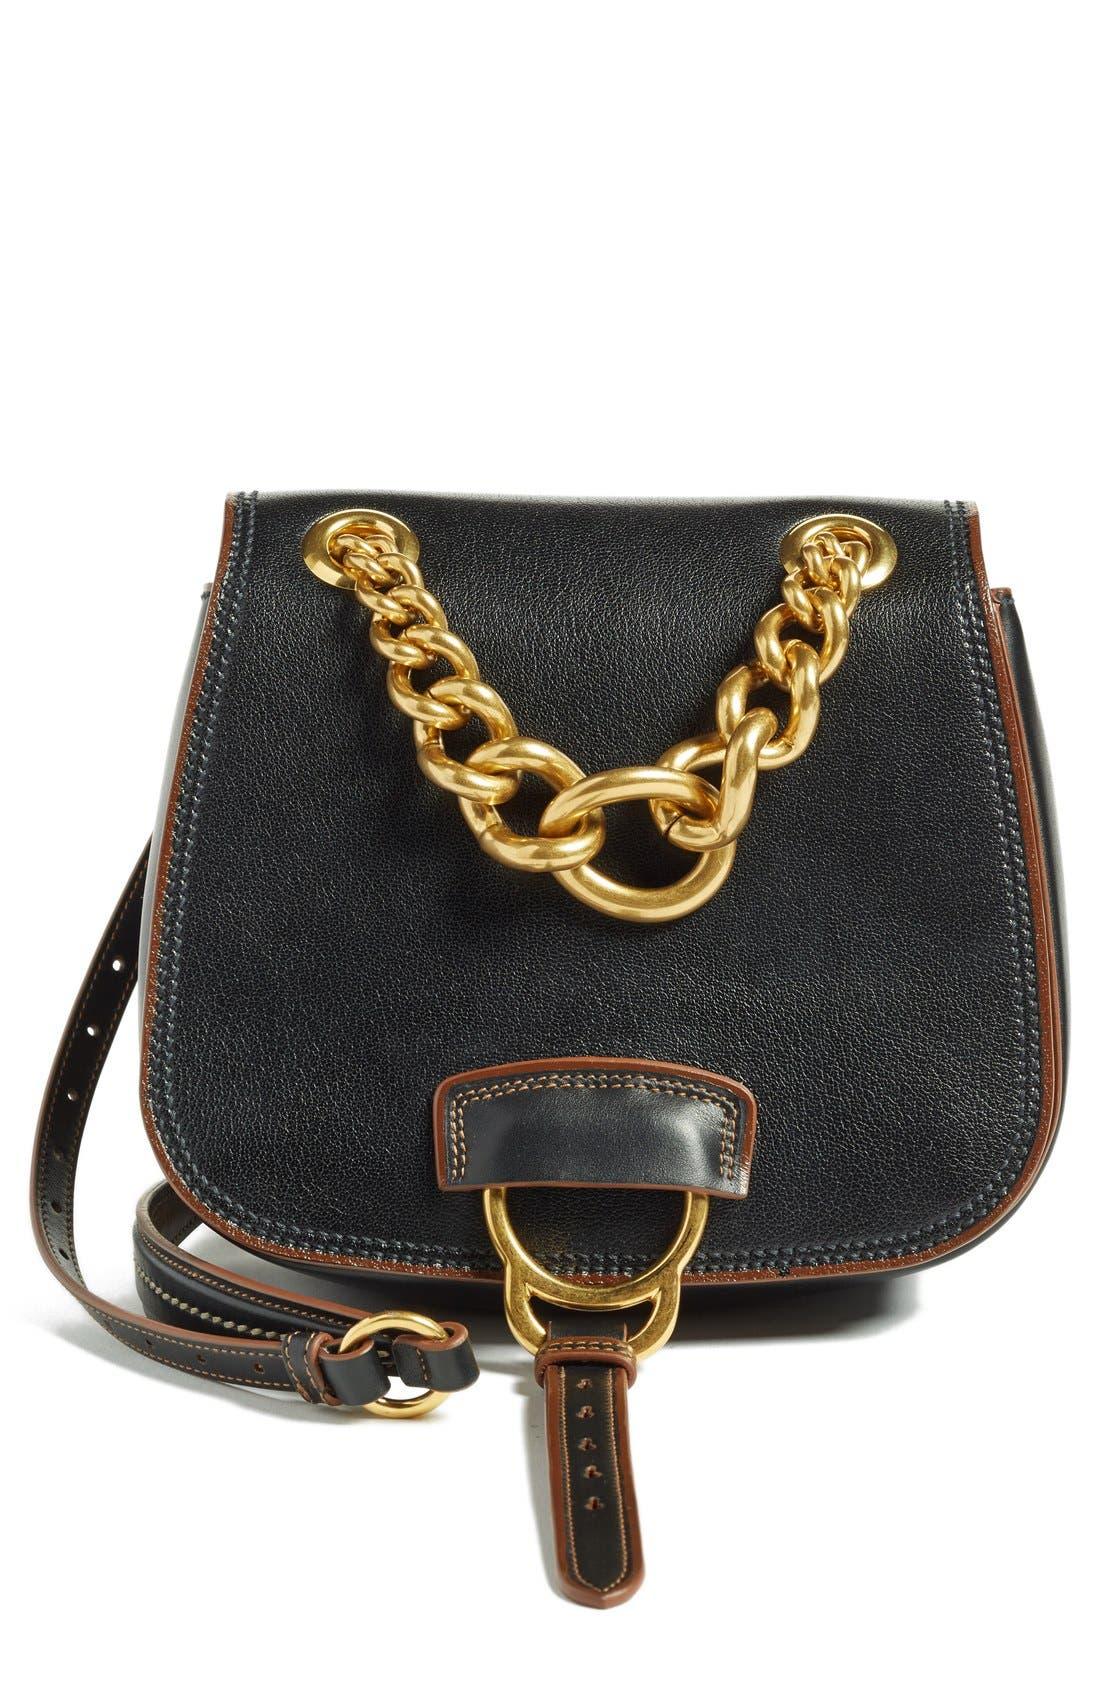 Main Image - Miu Miu 'Dahlia' Goatskin Leather Saddle Bag